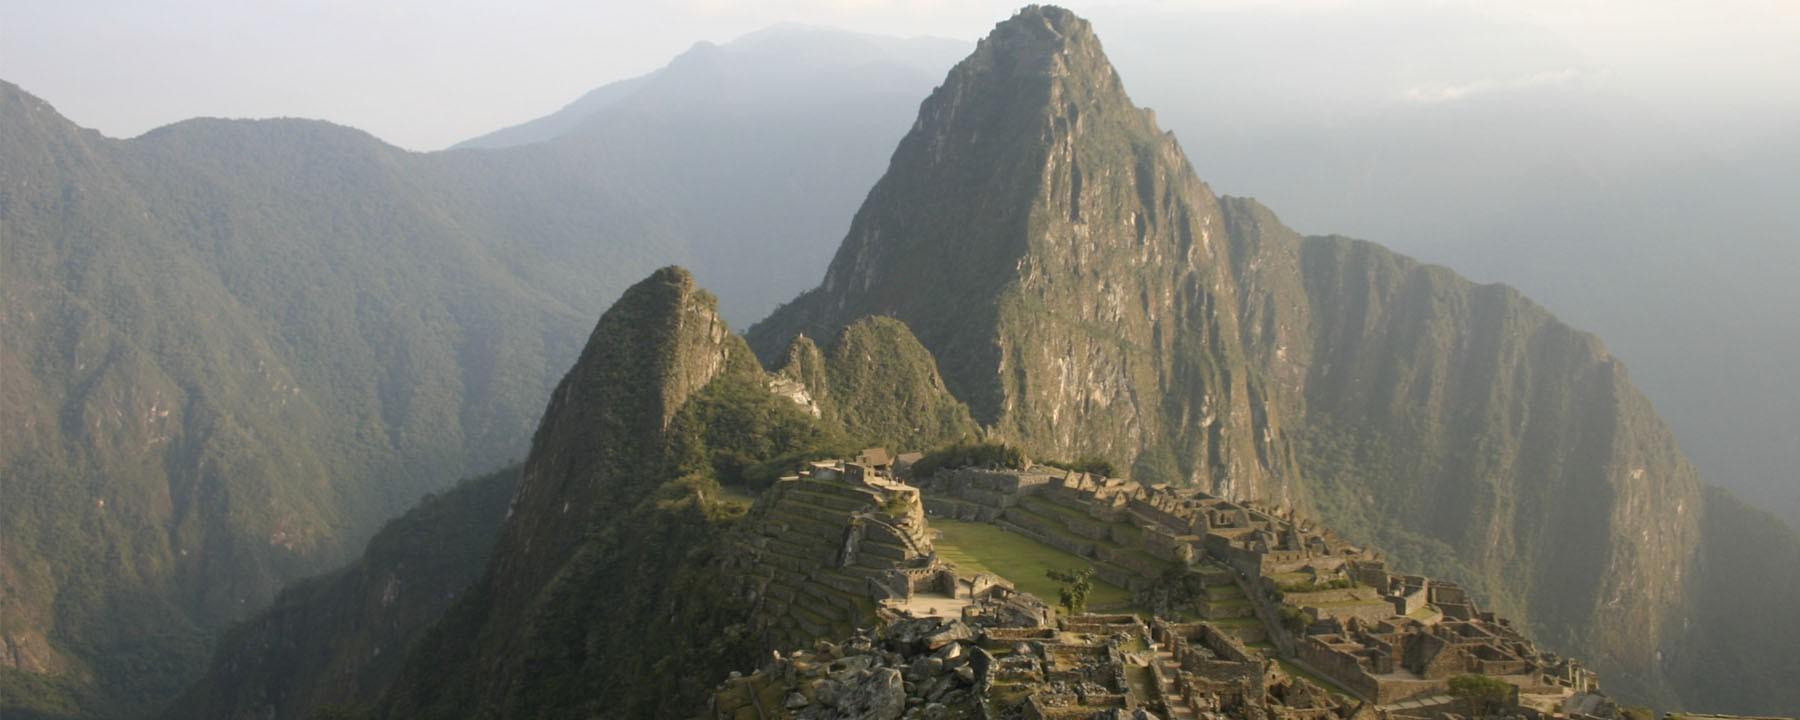 Klassieke foto van Machu Picchu